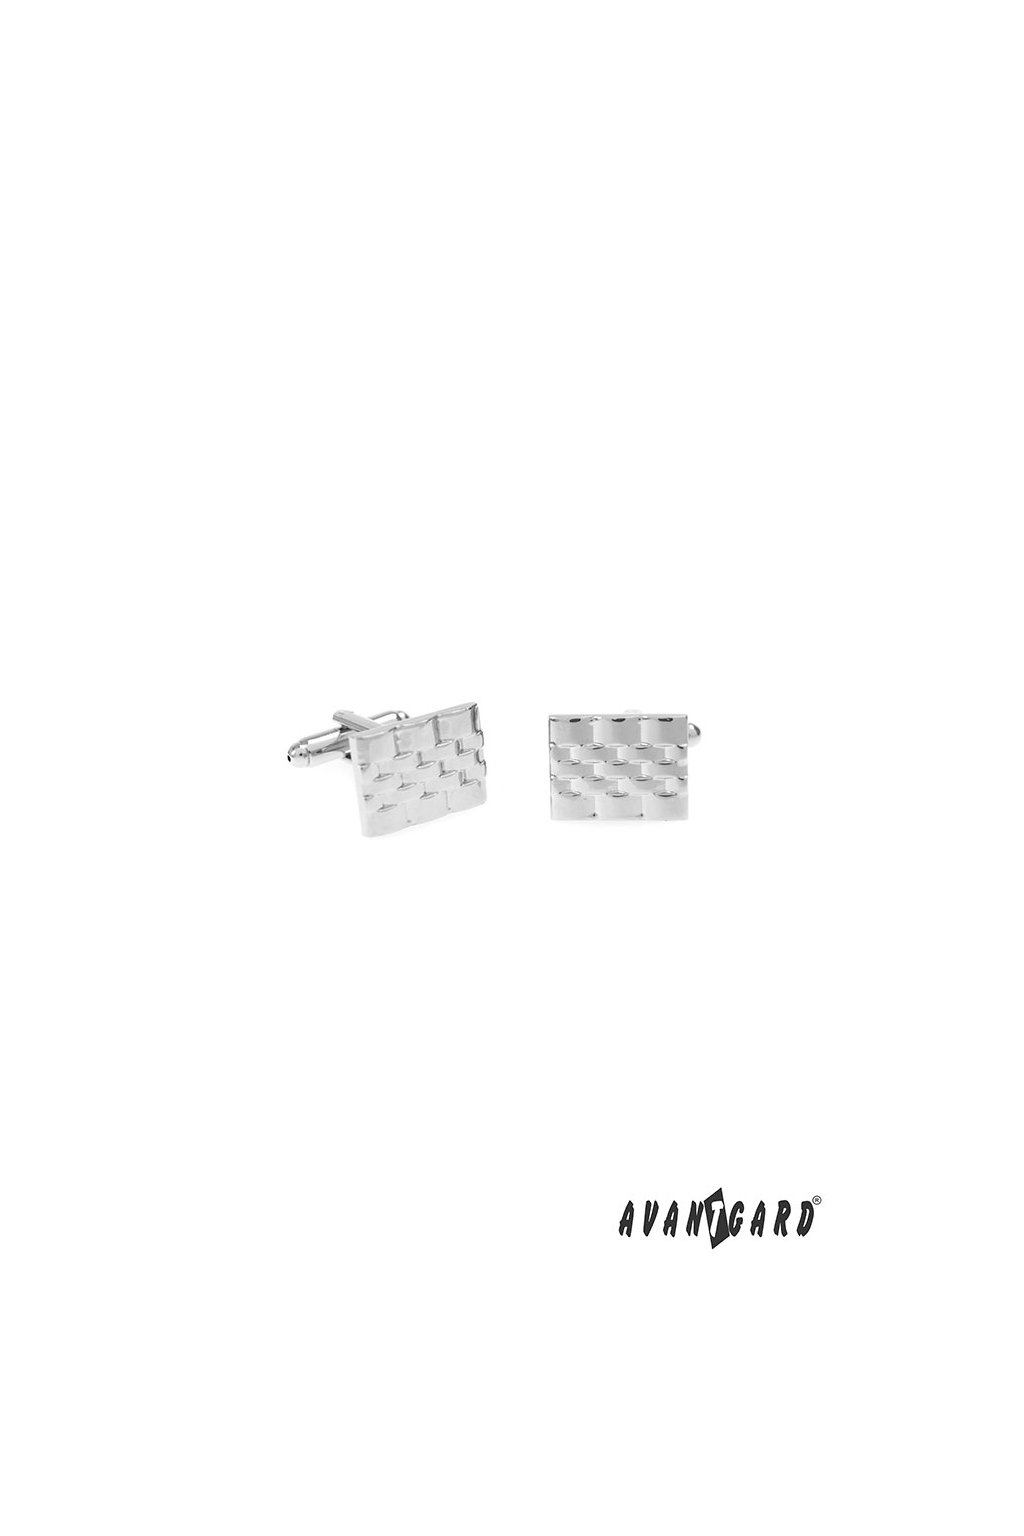 Manžetové knoflíčky PREMIUM, 573-20756, Stříbrná lesk